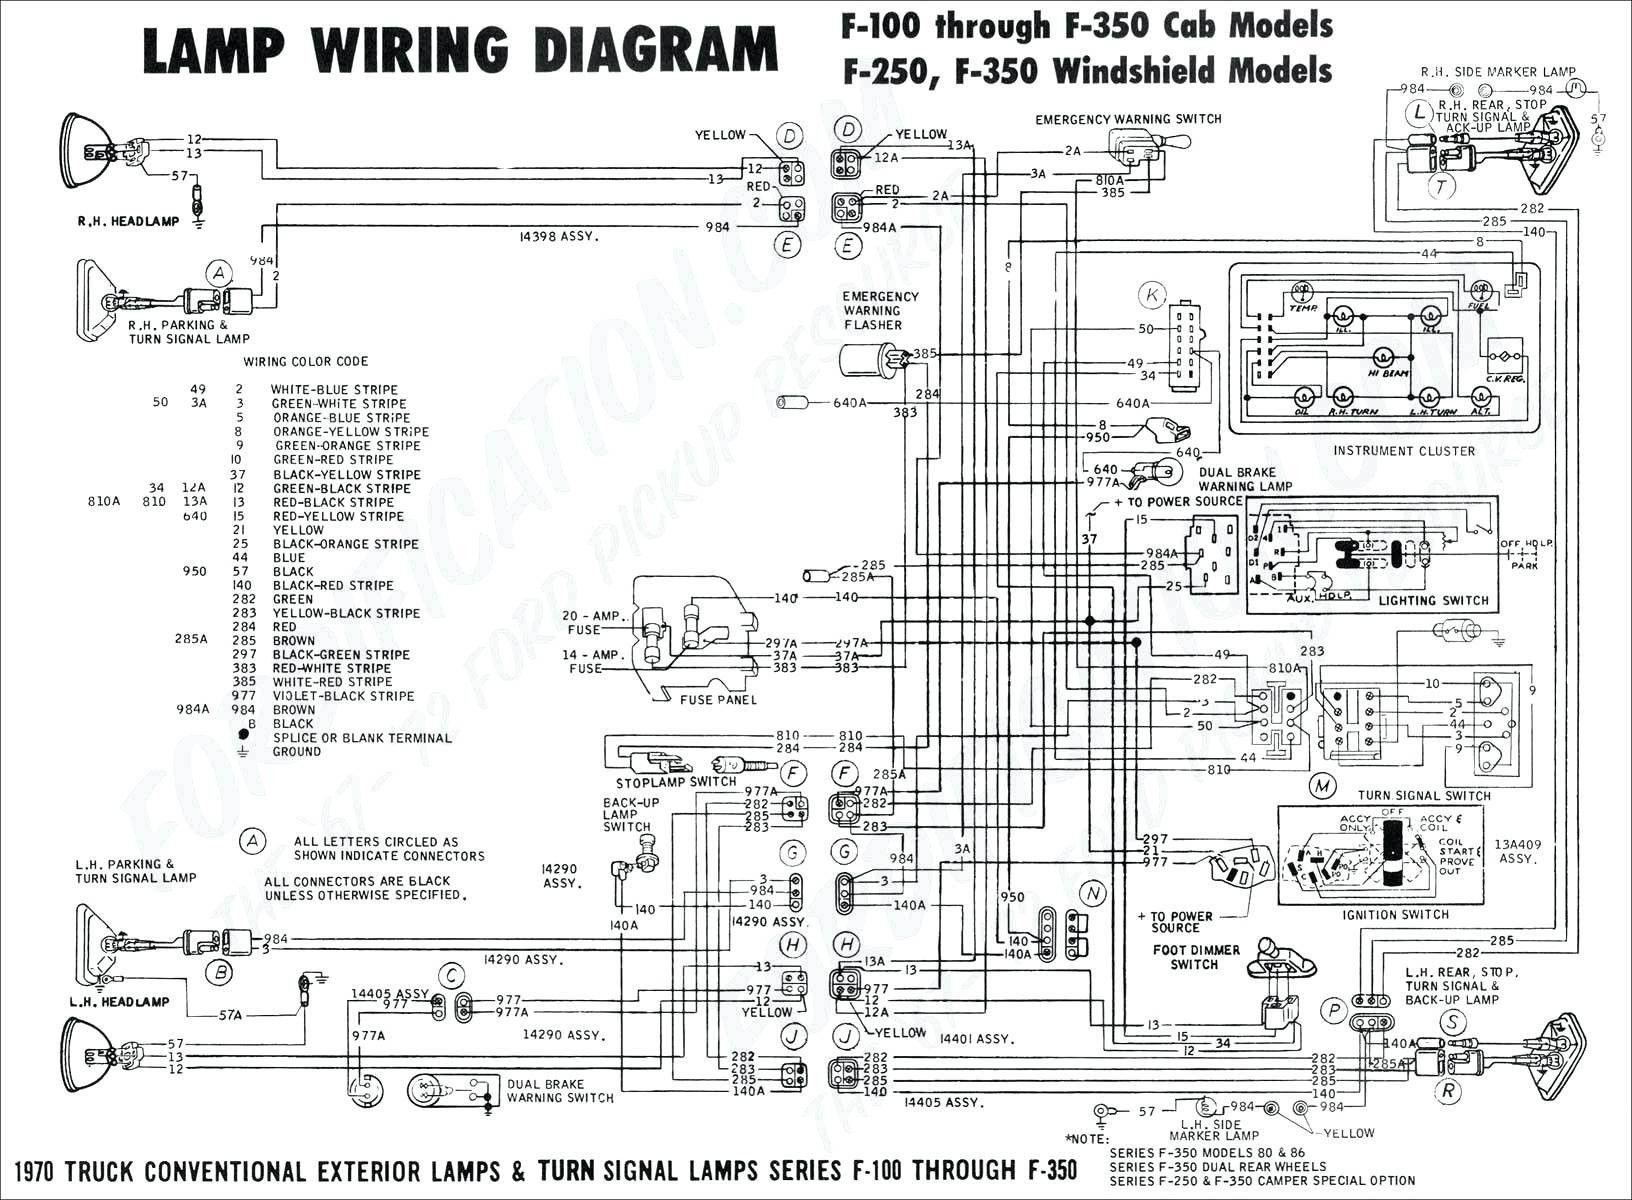 Simple Diesel Engine Diagram In 2021 Trailer Wiring Diagram Electrical Wiring Diagram Circuit Diagram